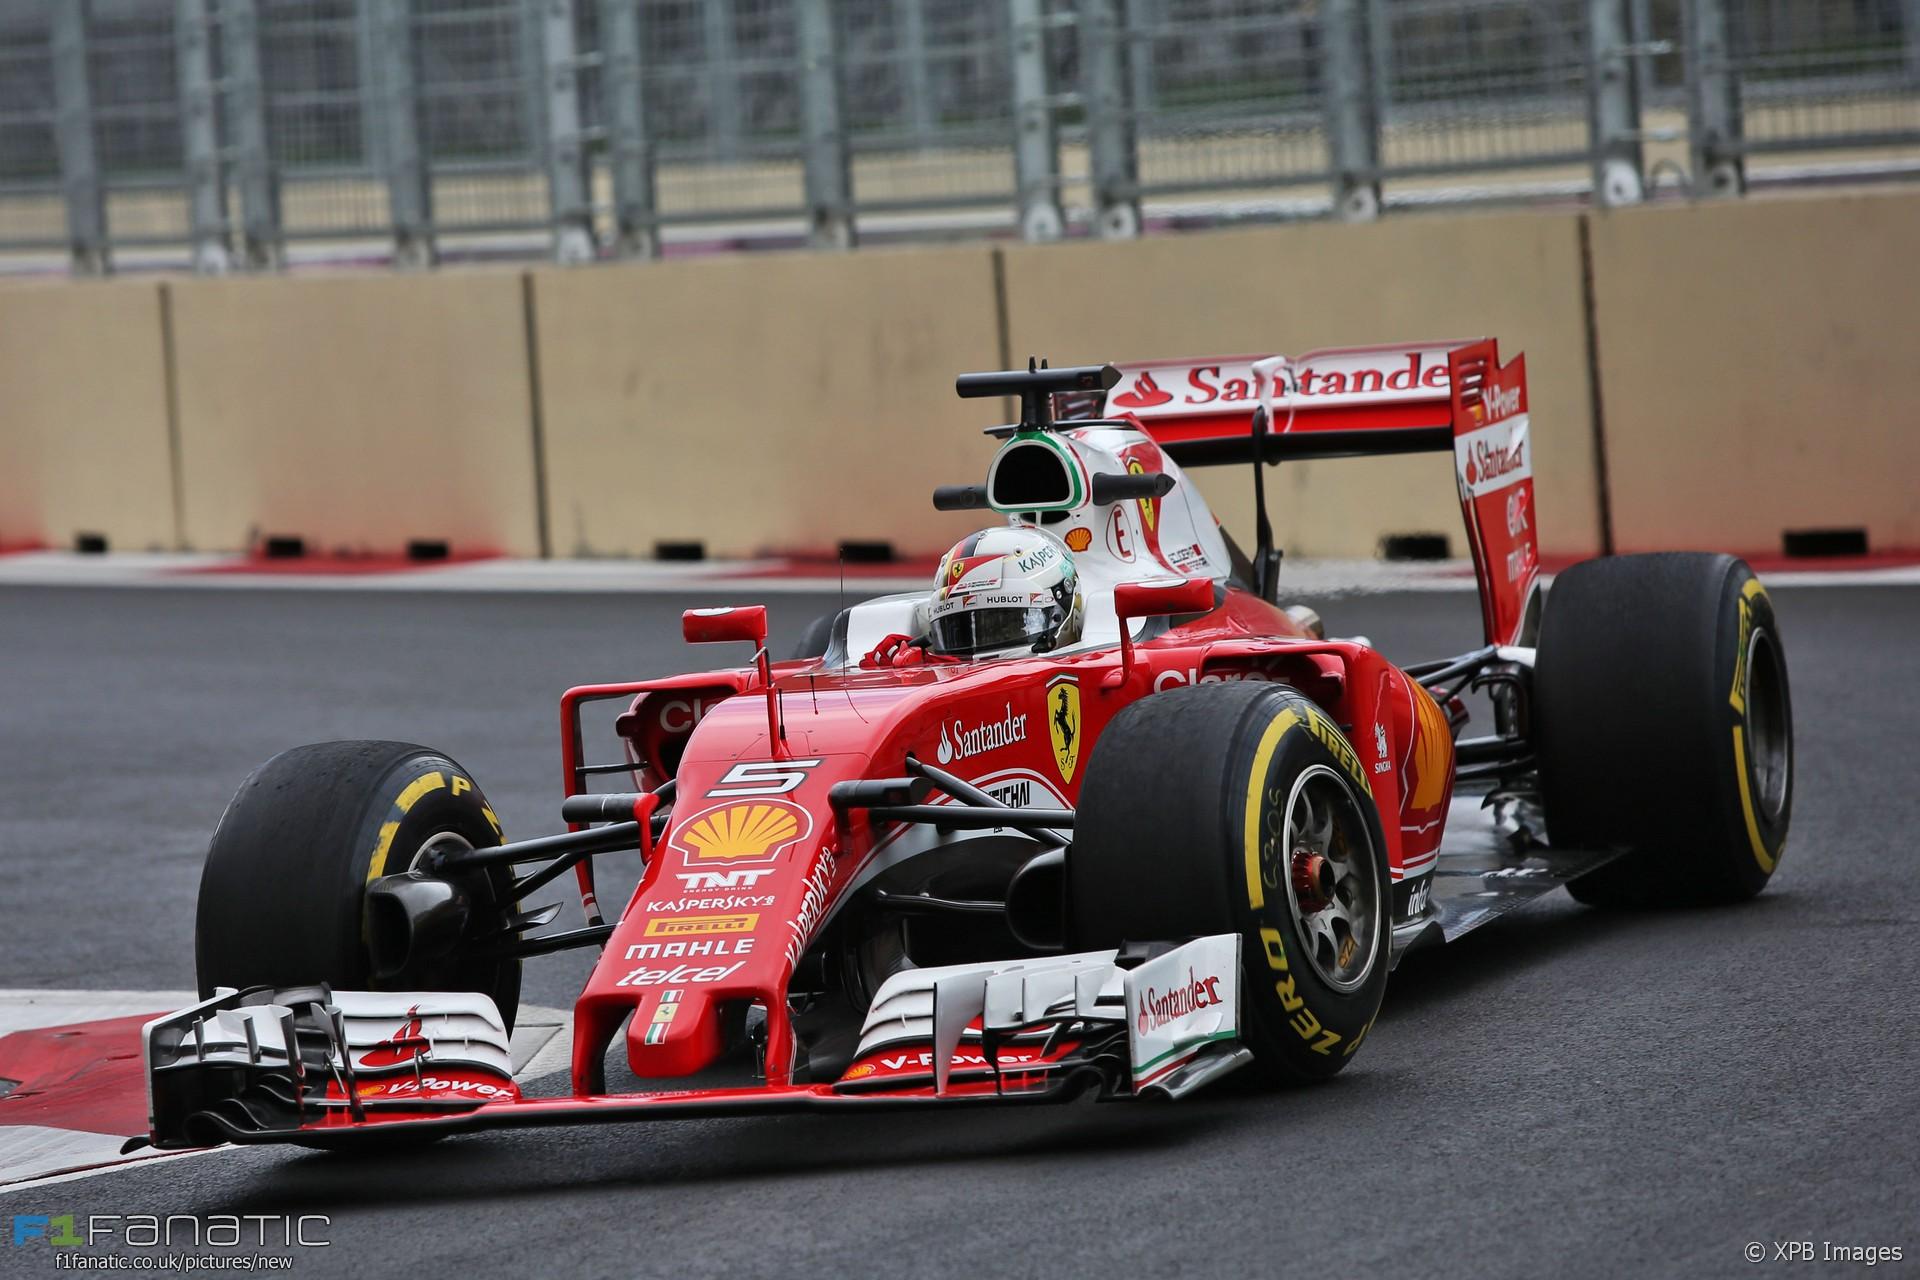 Sebastian Vettel, Ferrari, Baku City Circuit, 2016 · F1 ...